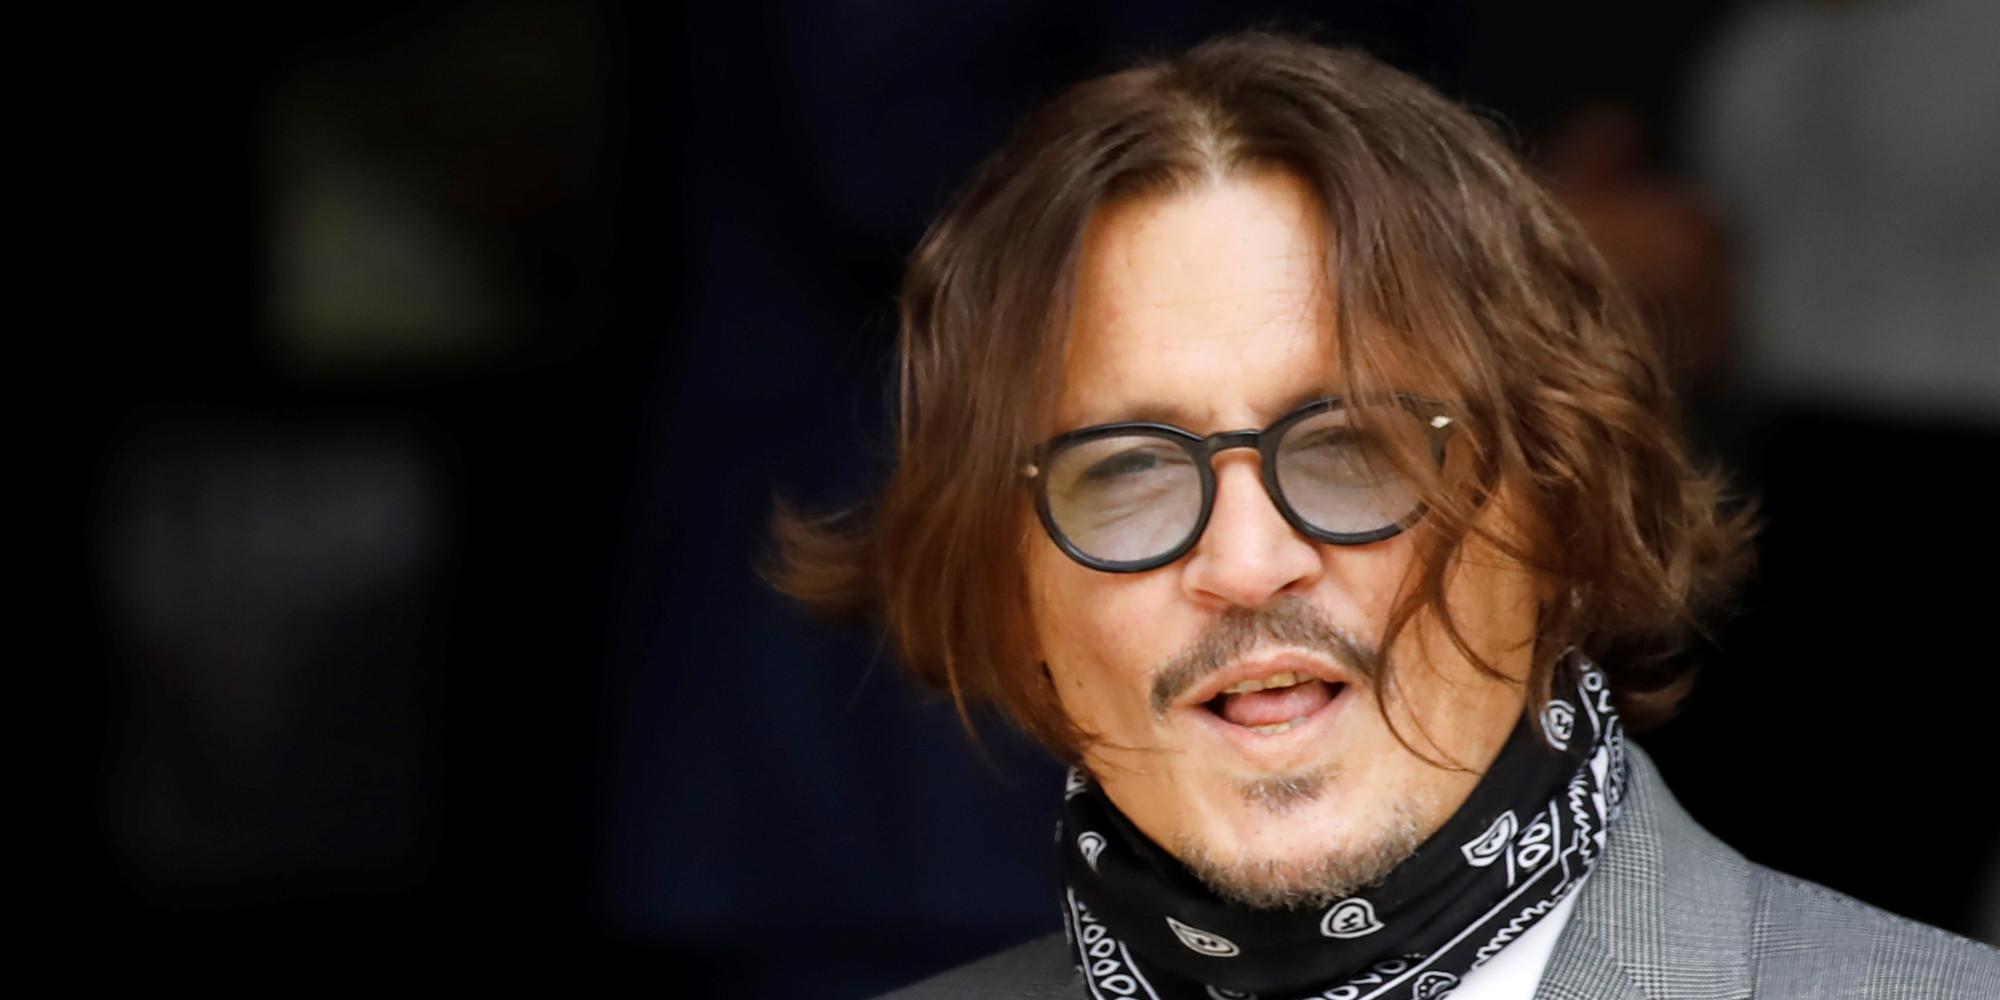 Johnny Depp assure n'avoir jamais frappé son ex-femme Amber Heard, même délesté de sa fortune